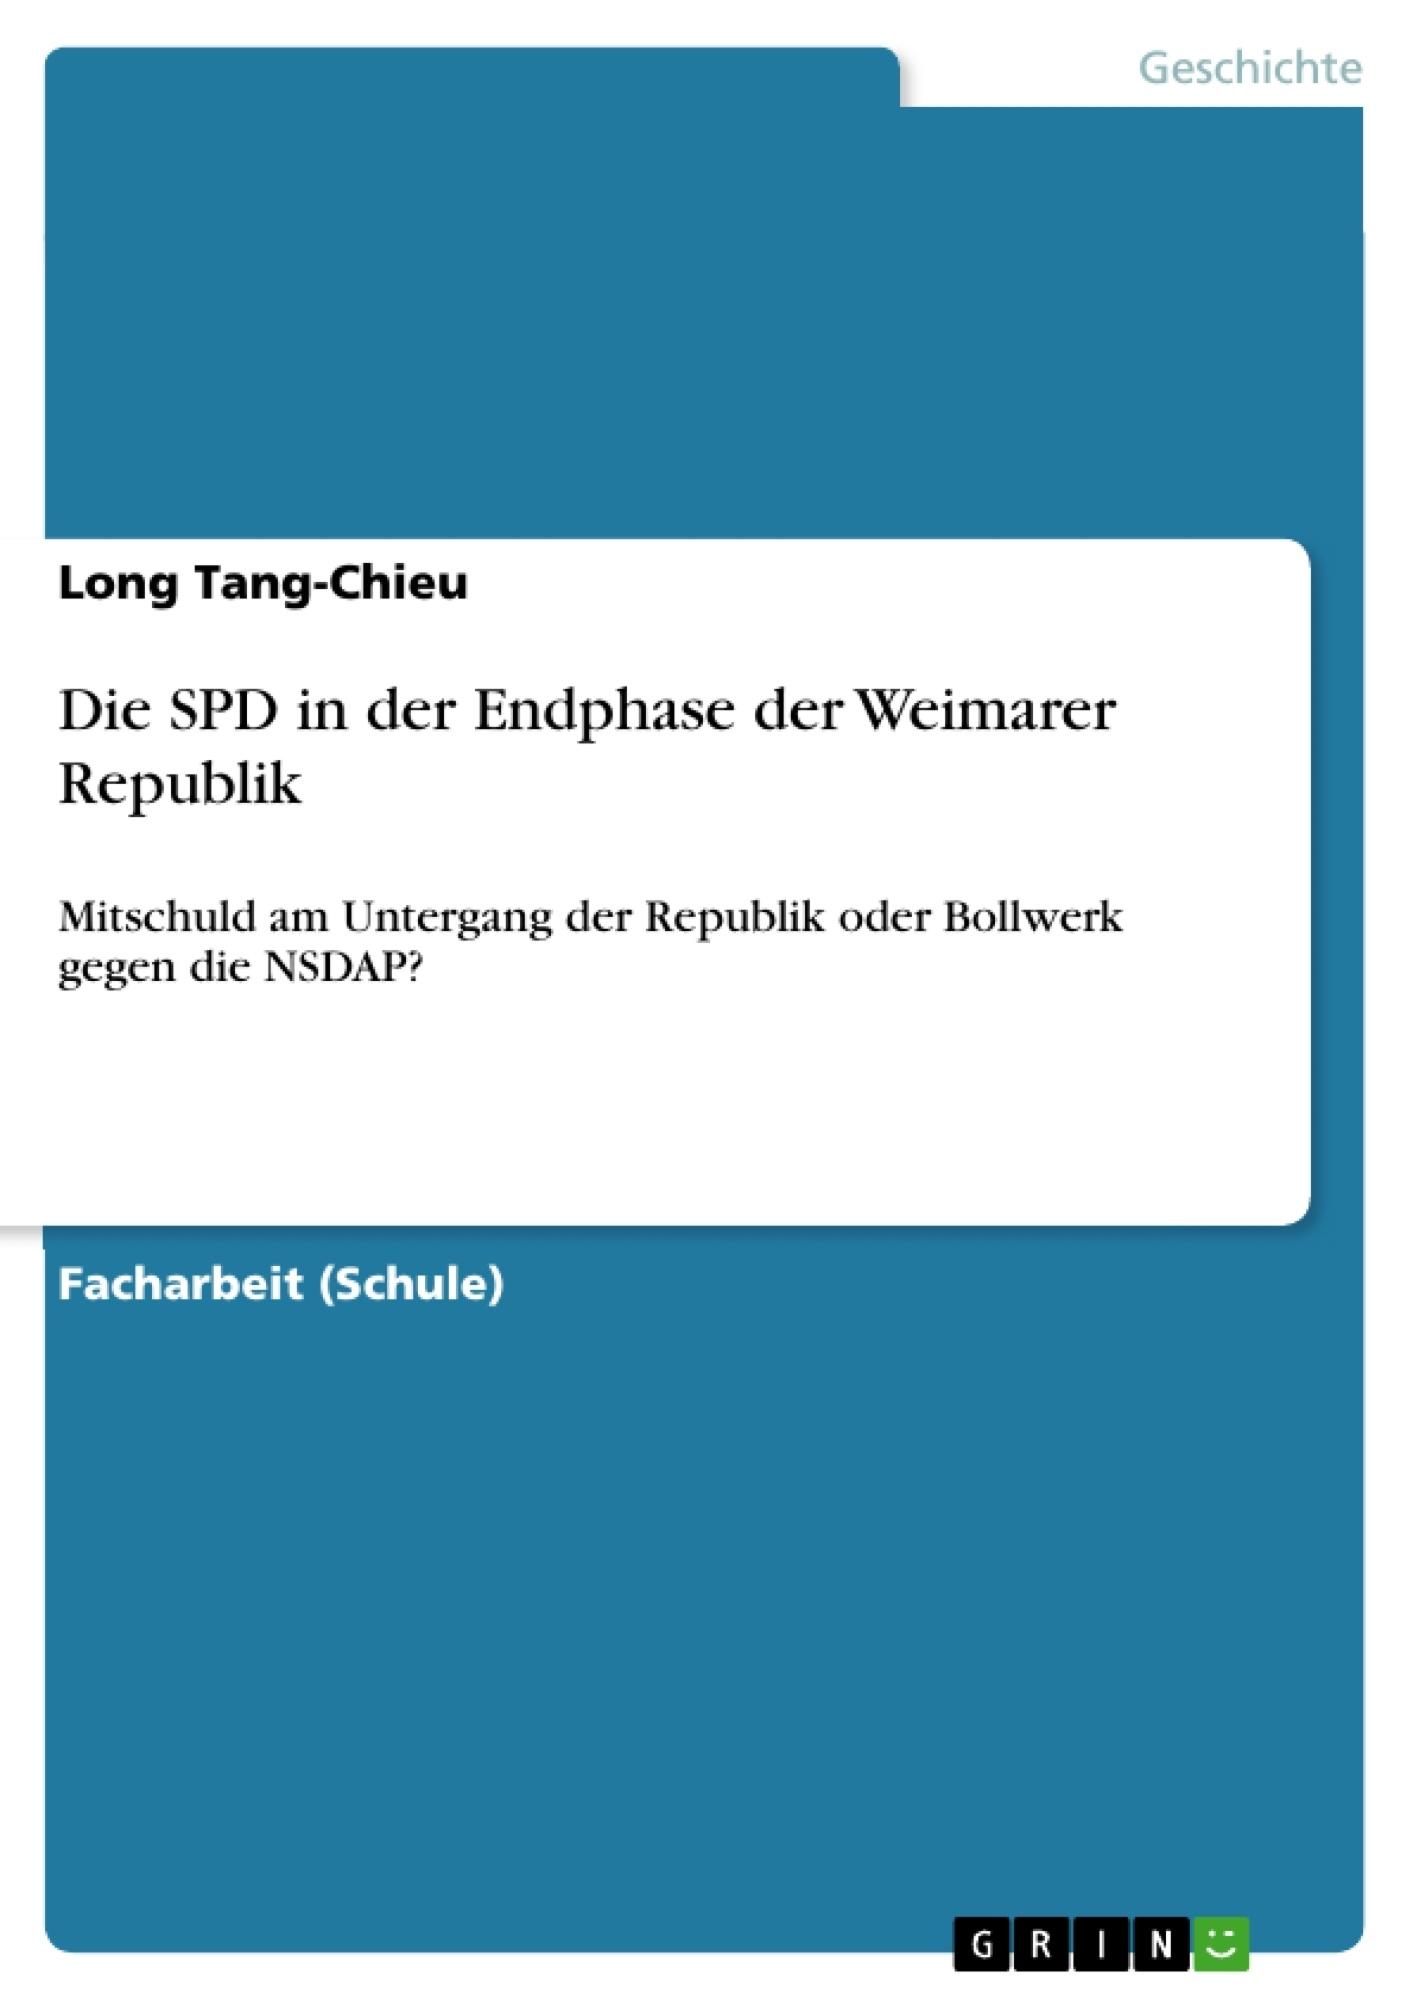 Titel: Die SPD in der Endphase der Weimarer Republik